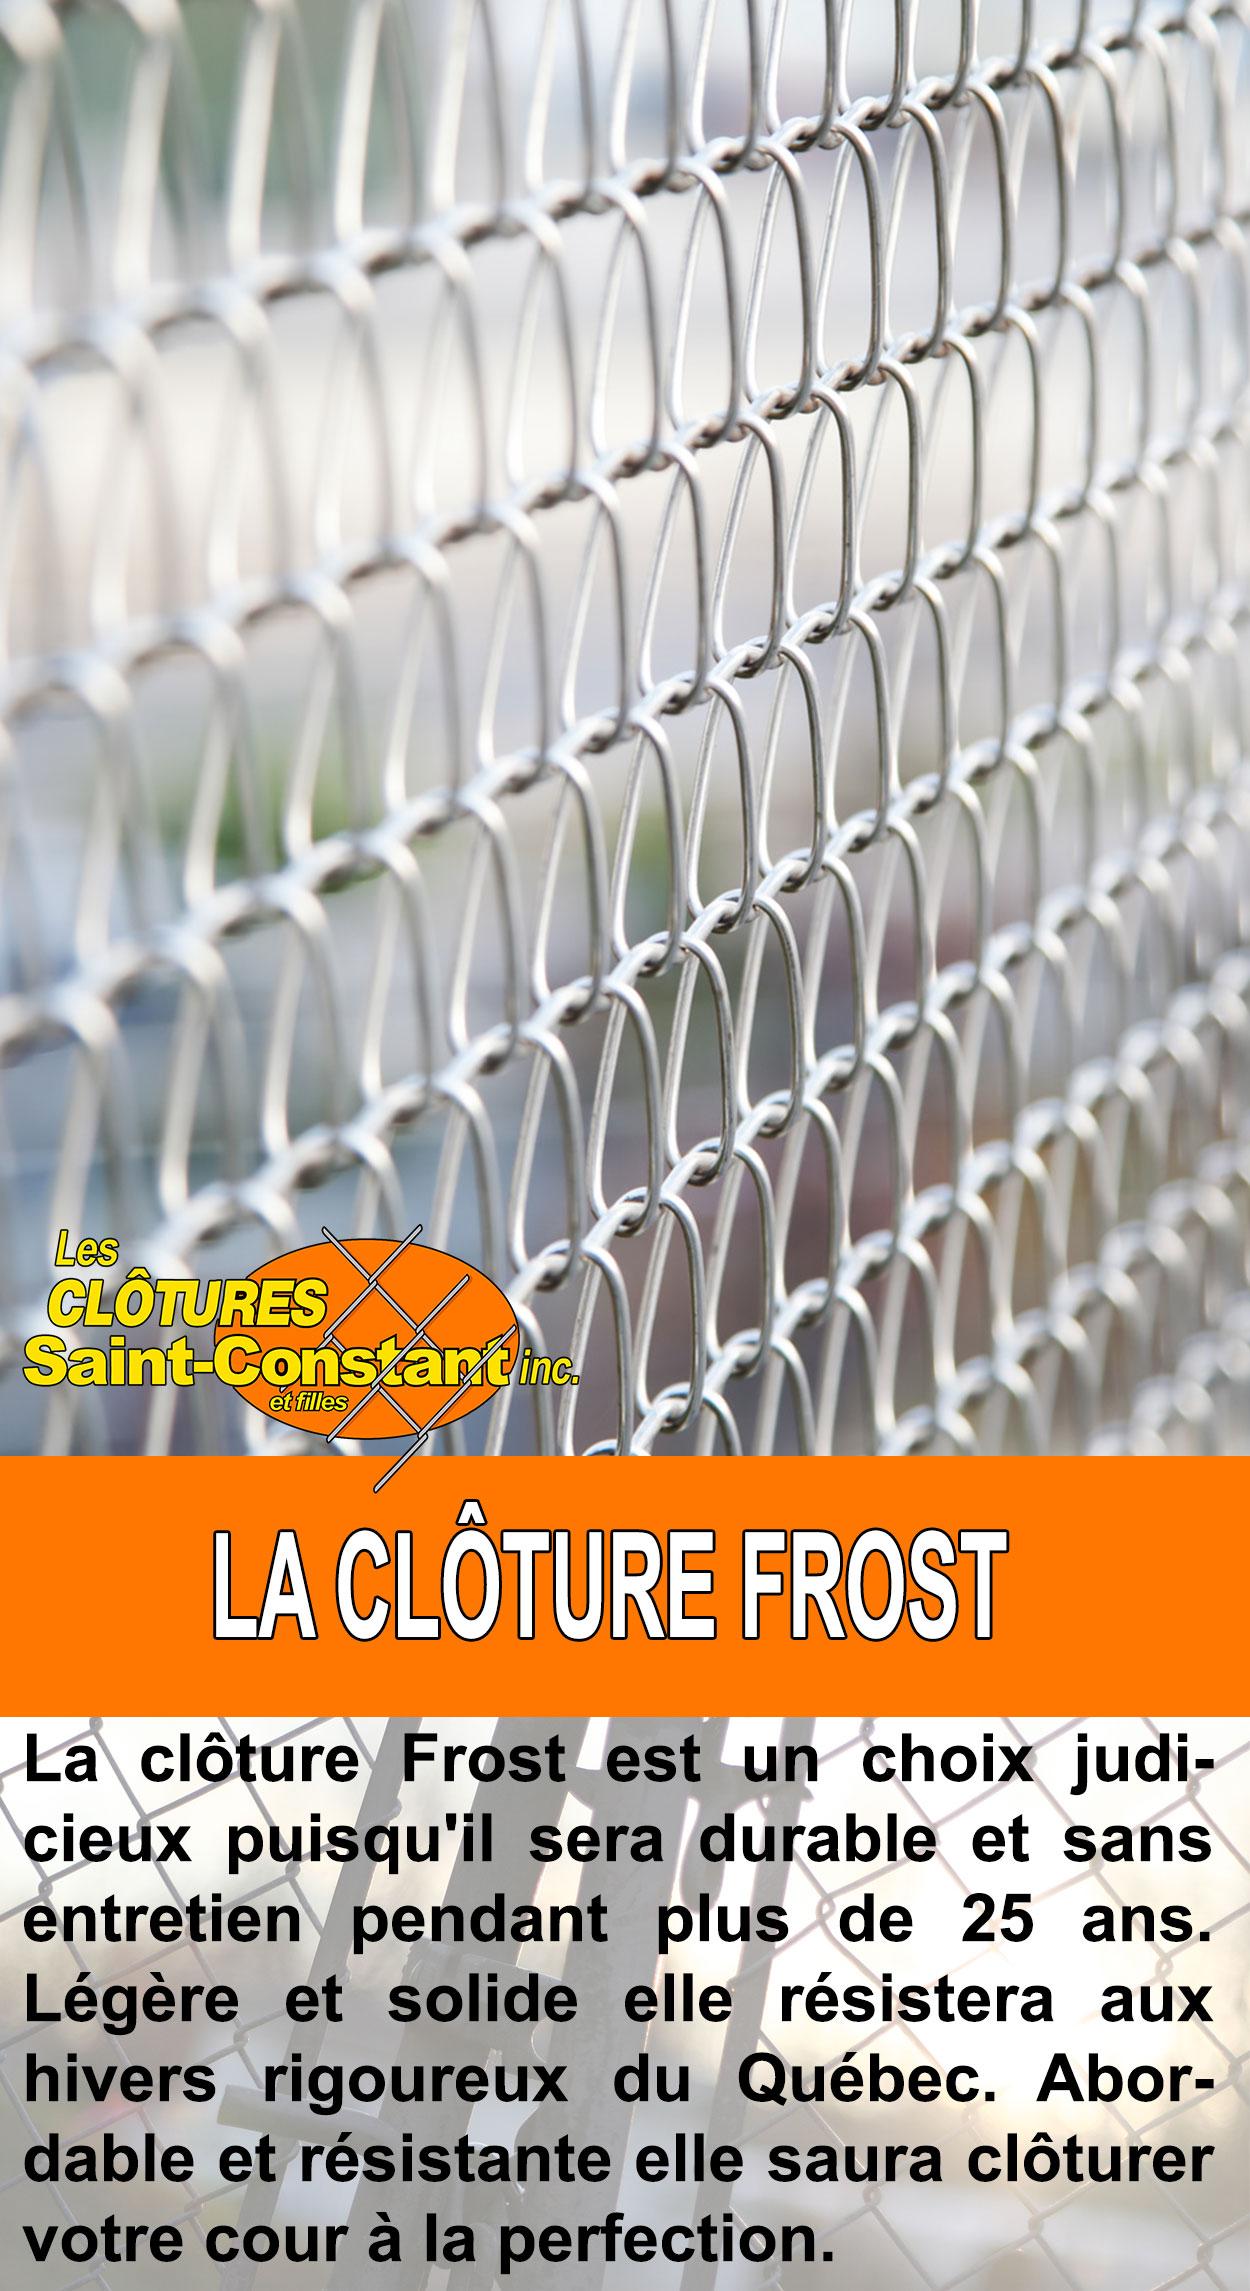 Cloture. Free Clture S Jamesus With Cloture. Elegant Back